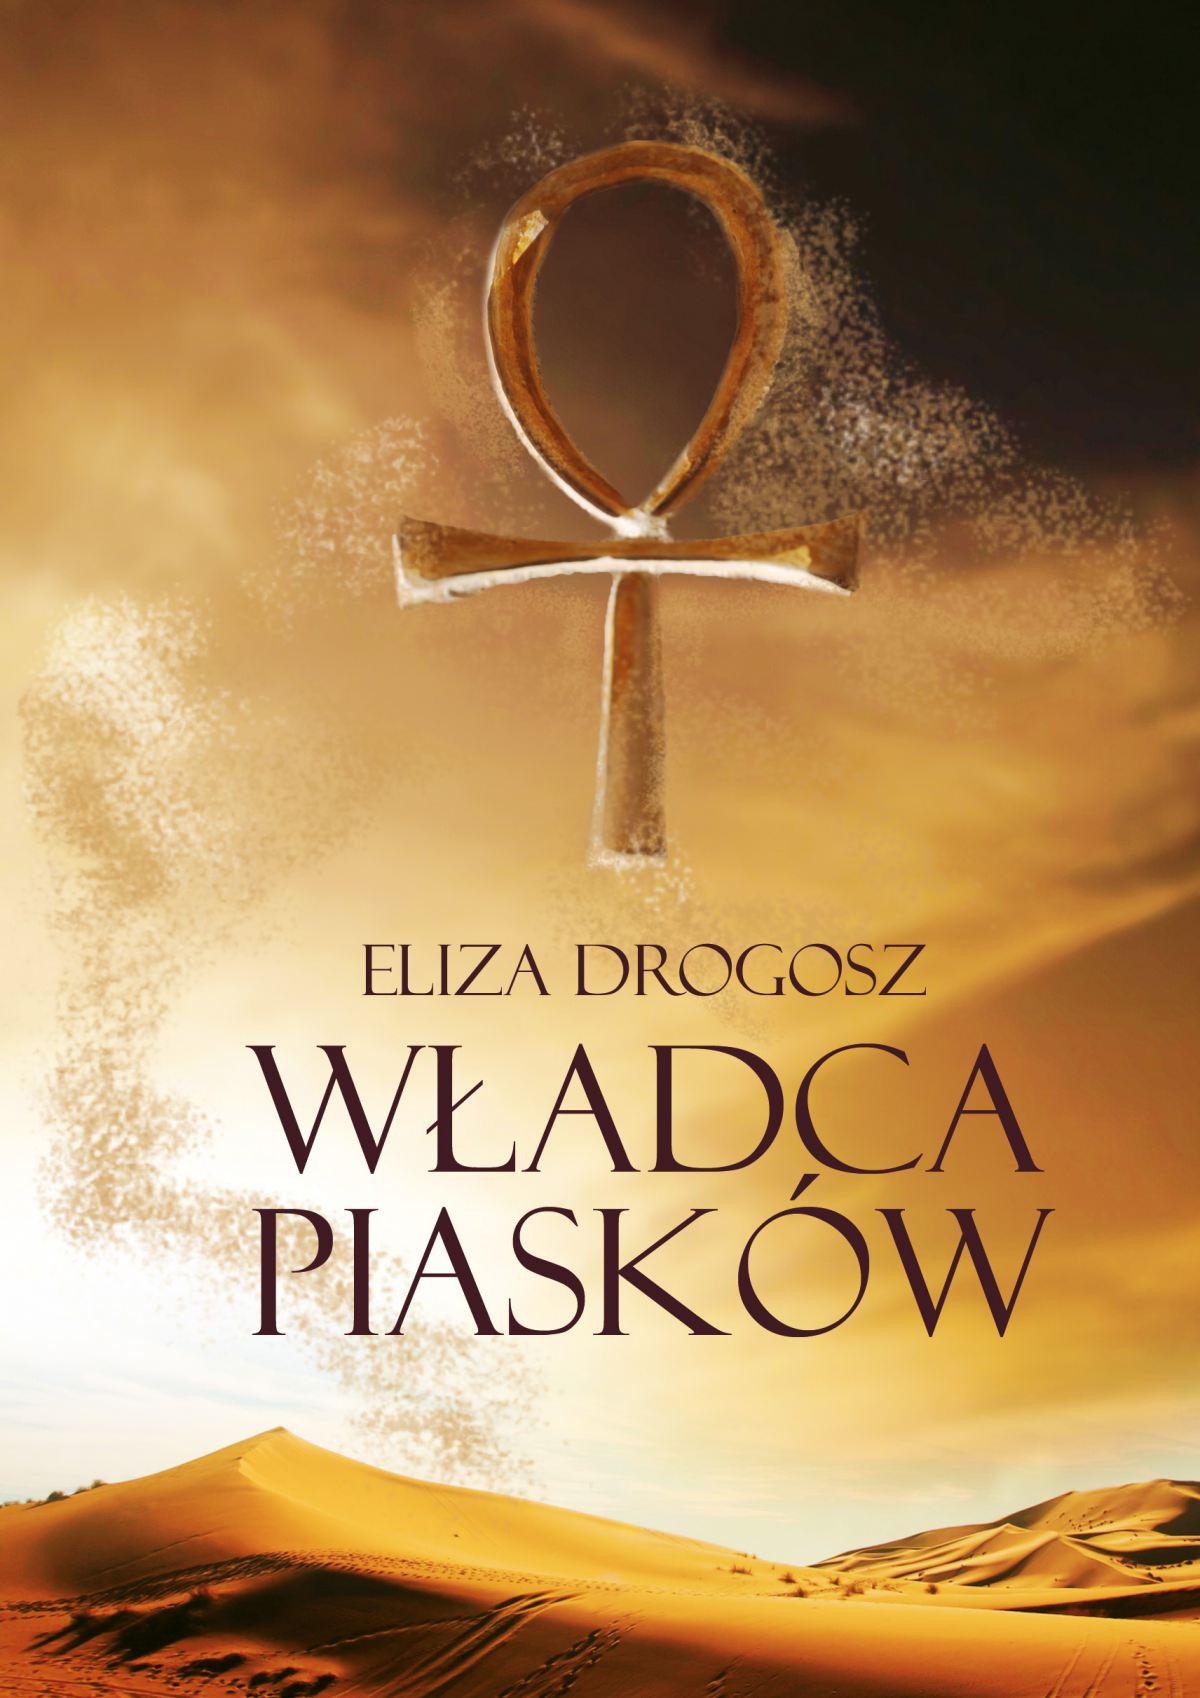 Władca Piasków - Ebook (Książka EPUB) do pobrania w formacie EPUB